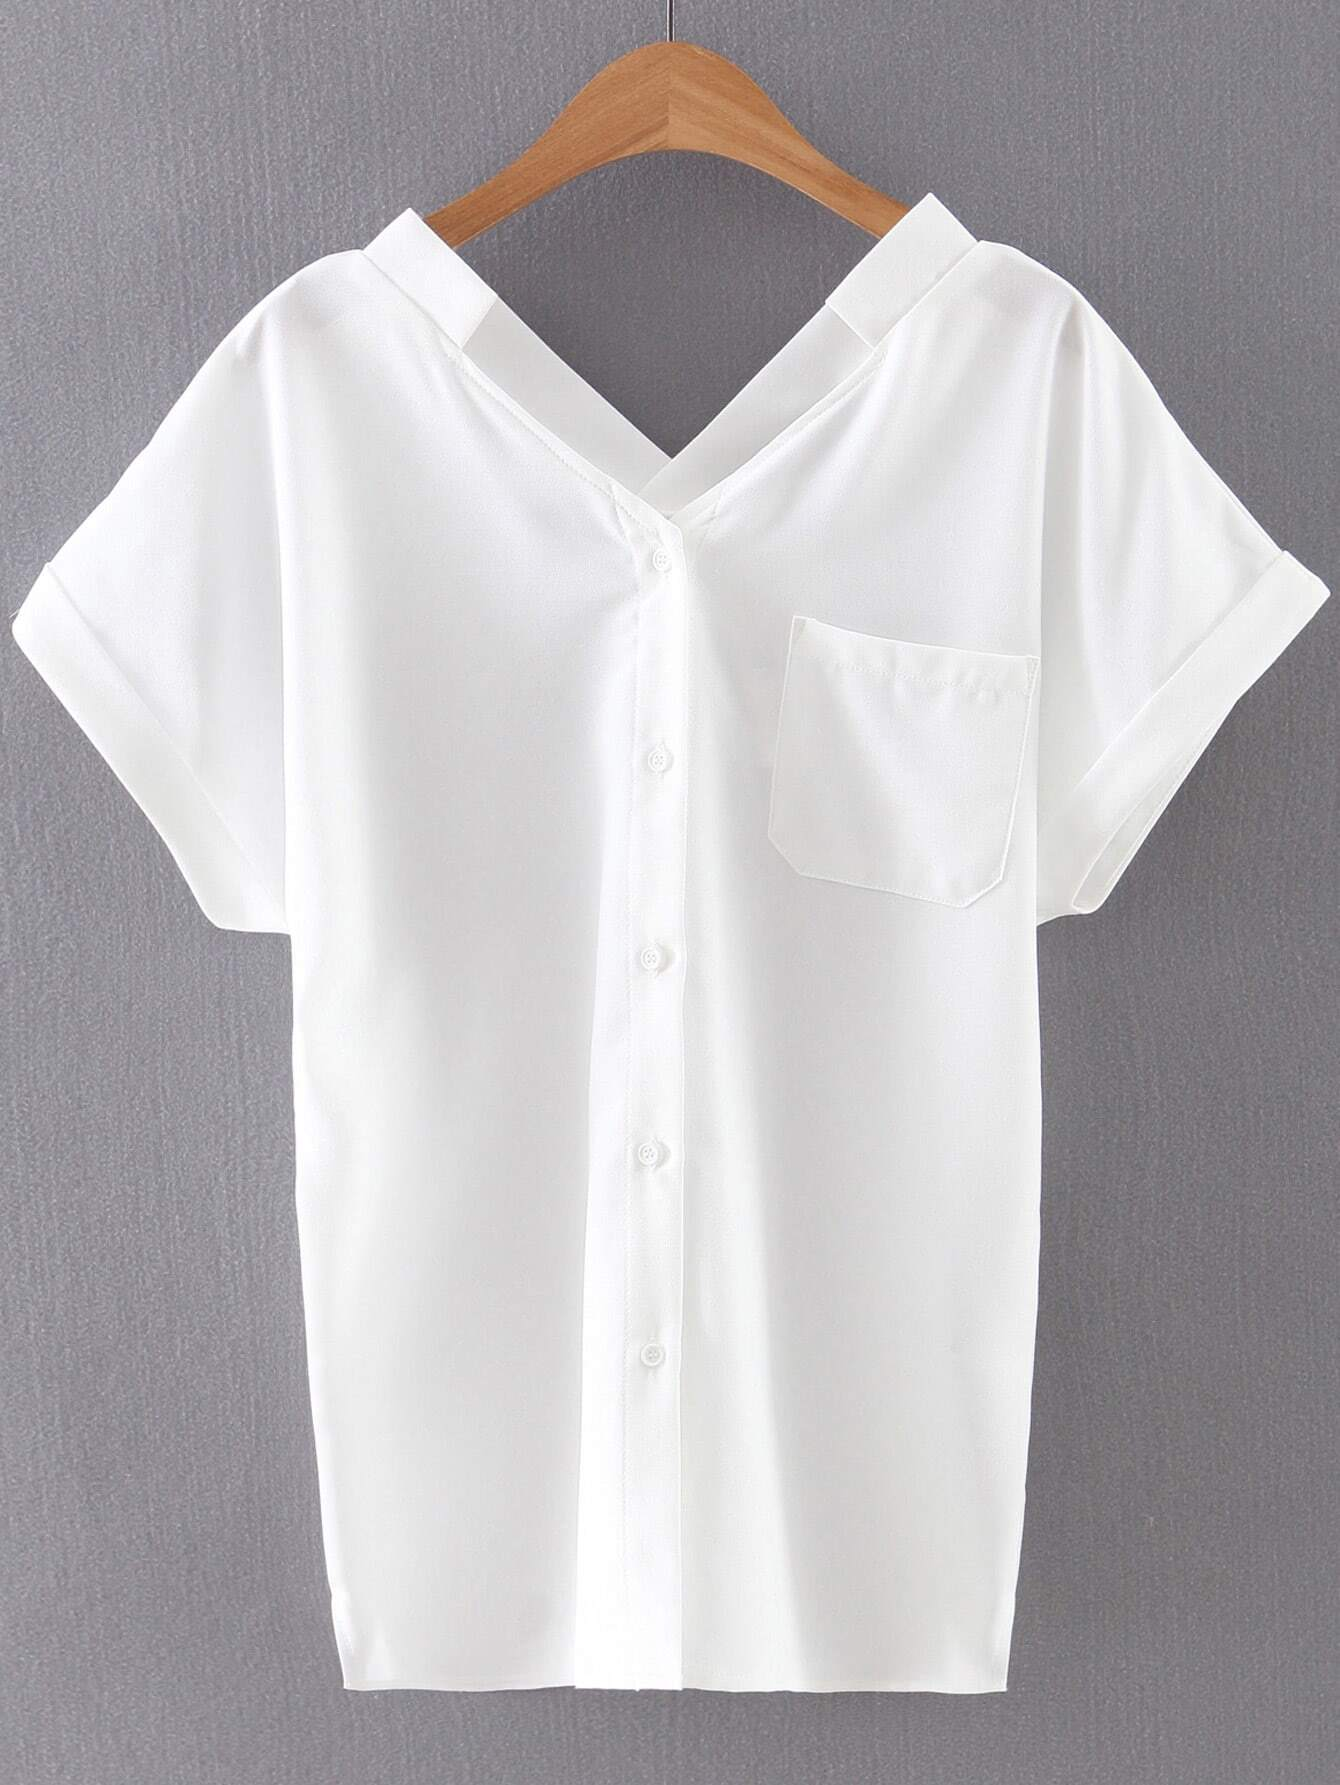 Блузка Из Белого Шифона В Самаре